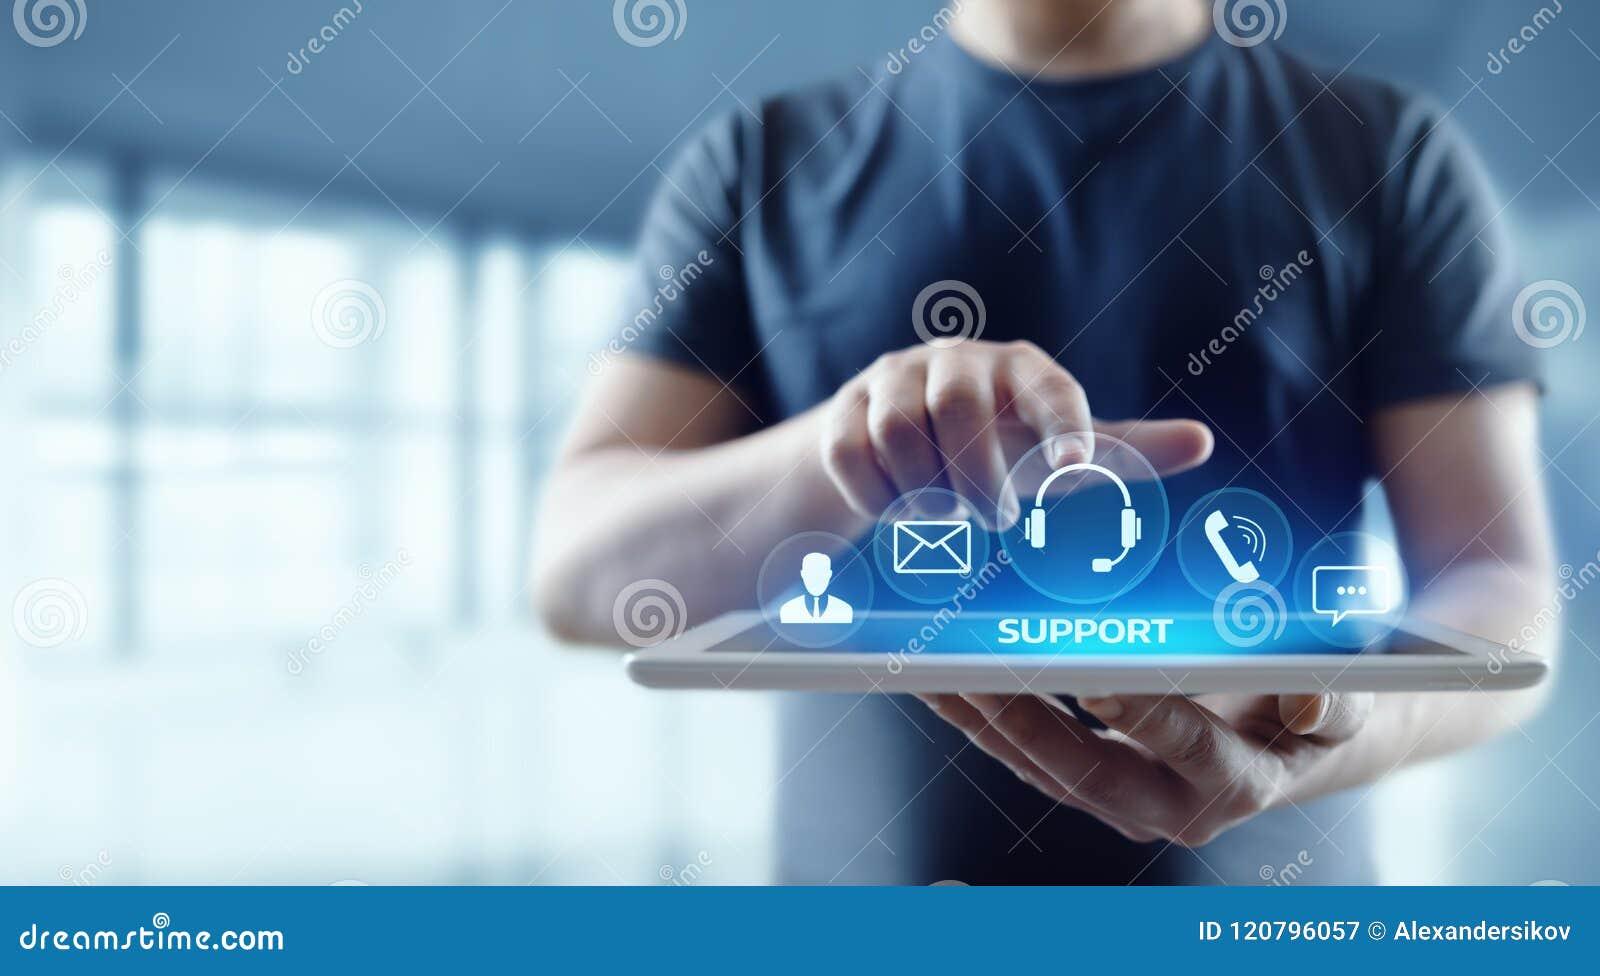 Έννοια επιχειρησιακής τεχνολογίας Διαδικτύου κεντρικής εξυπηρέτησης πελατών τεχνικής υποστήριξης